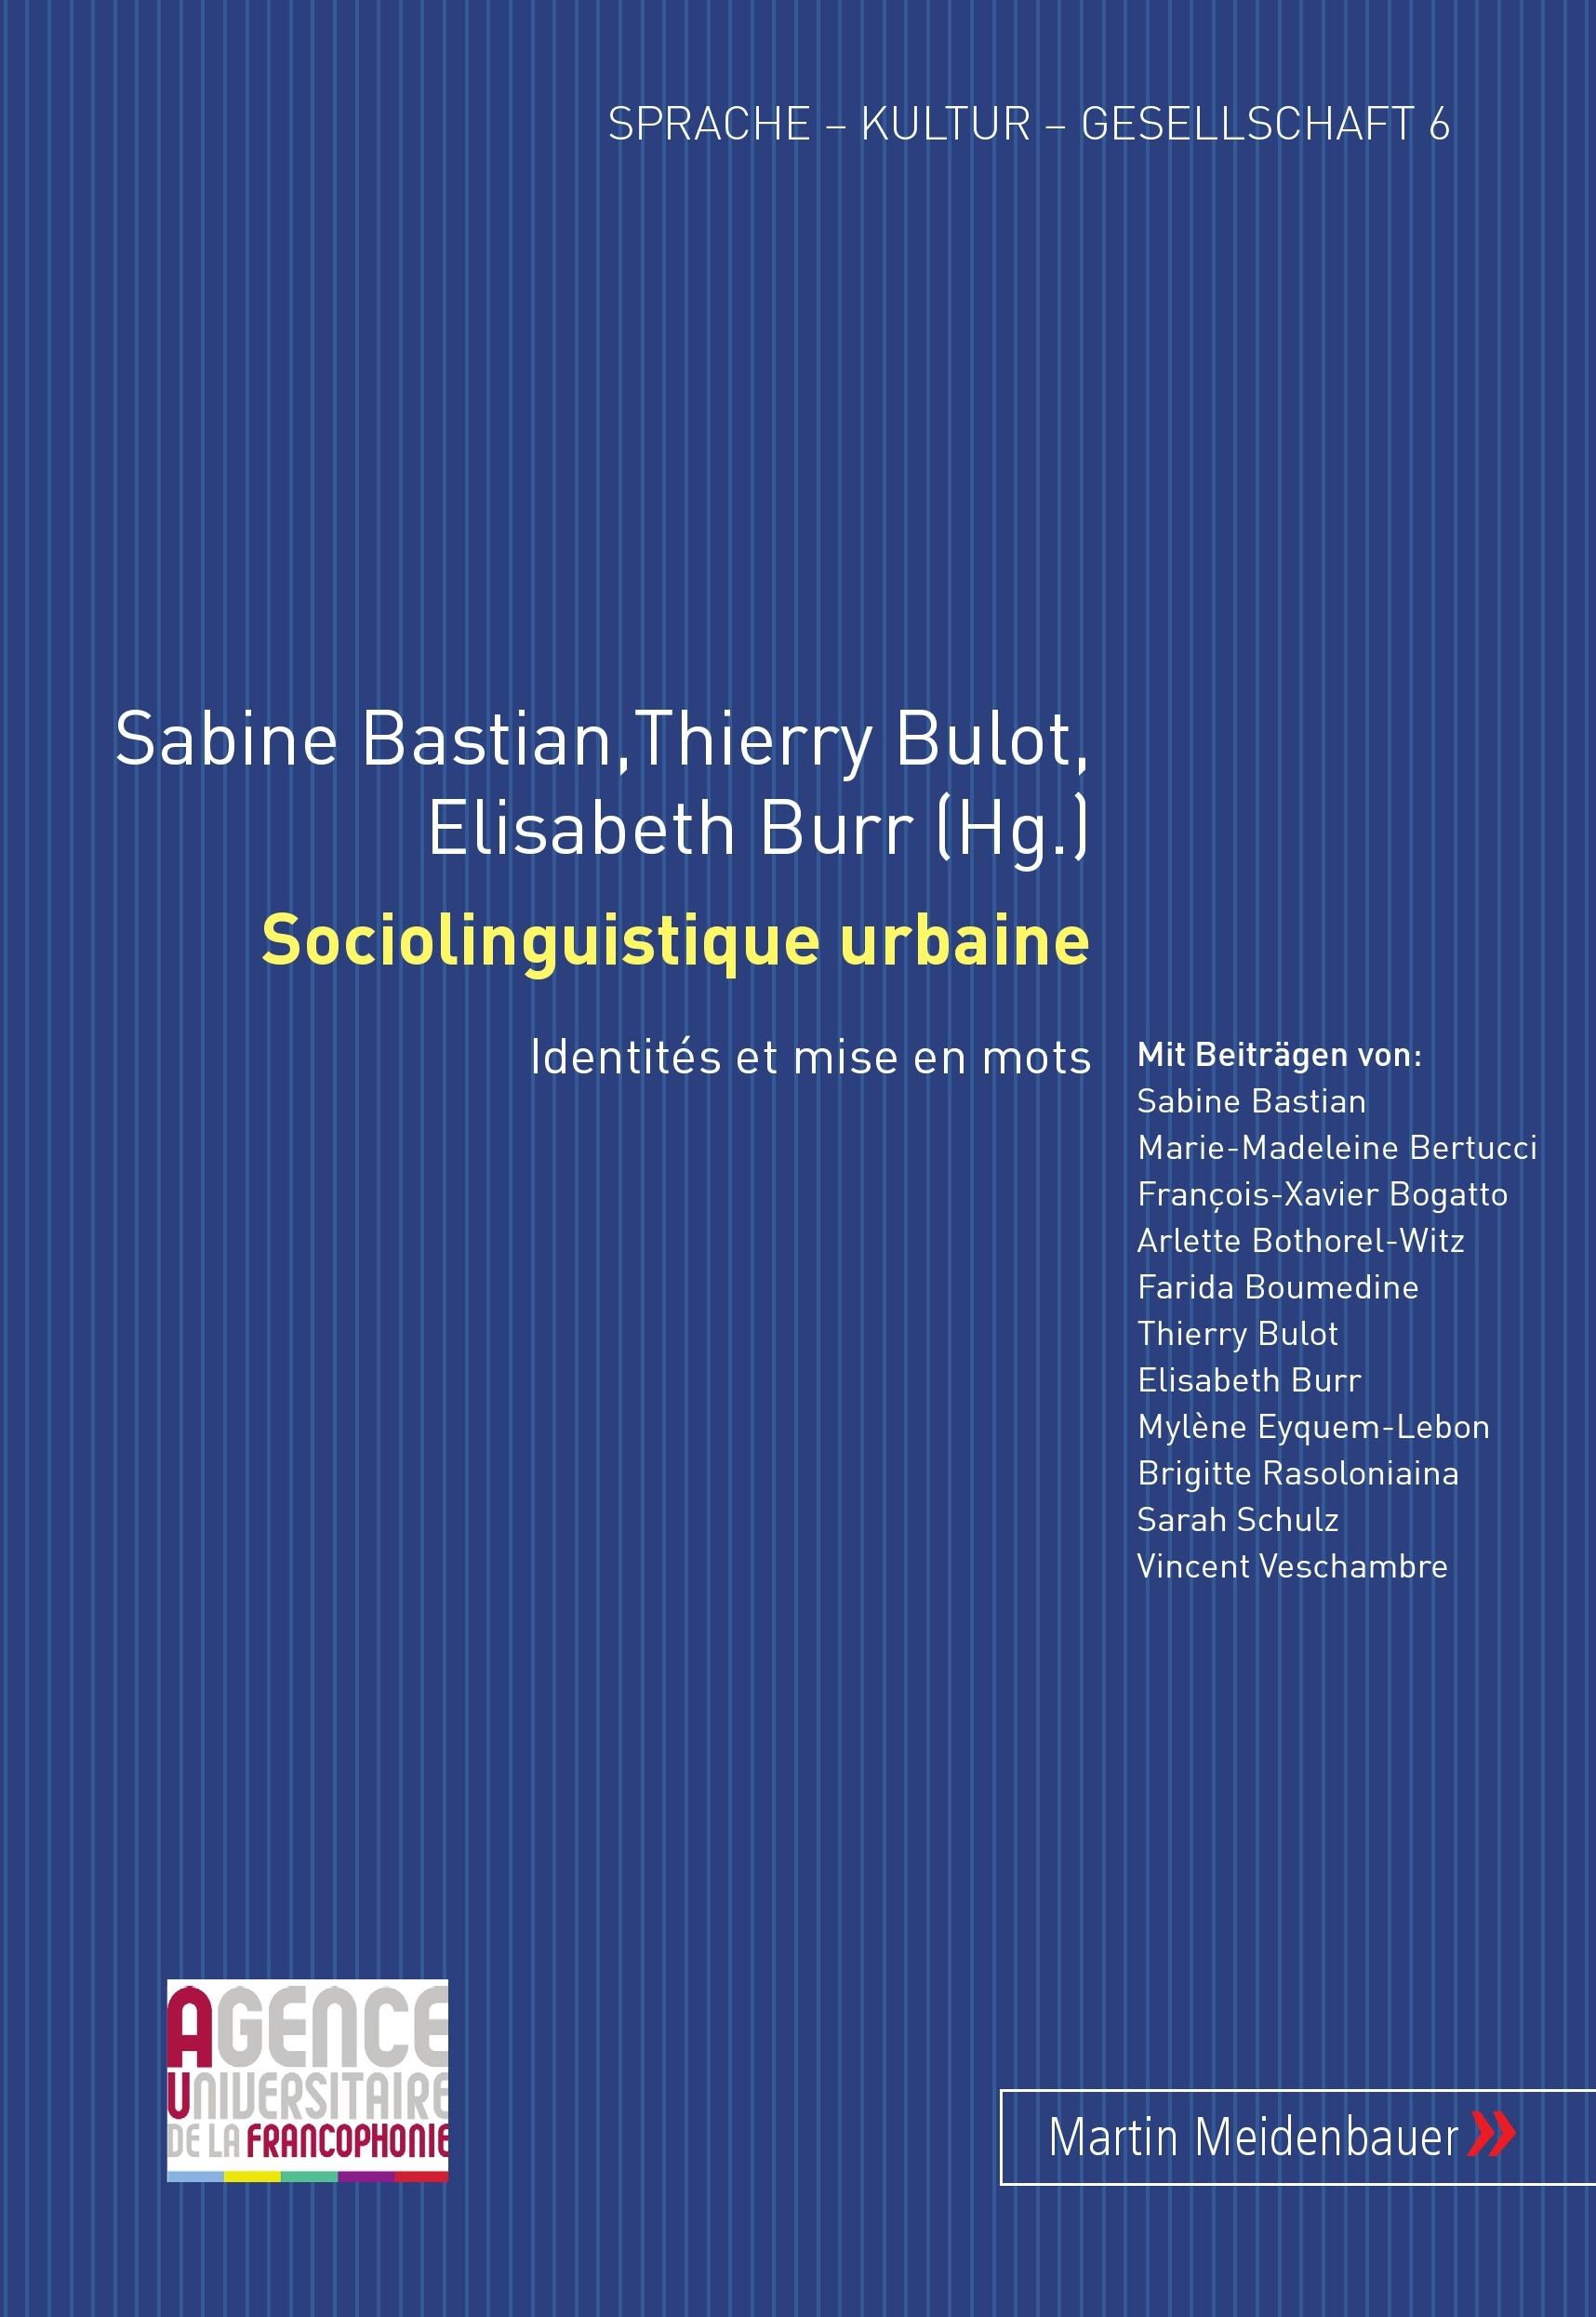 SOCIOLINGUISTIQUE URBAINE